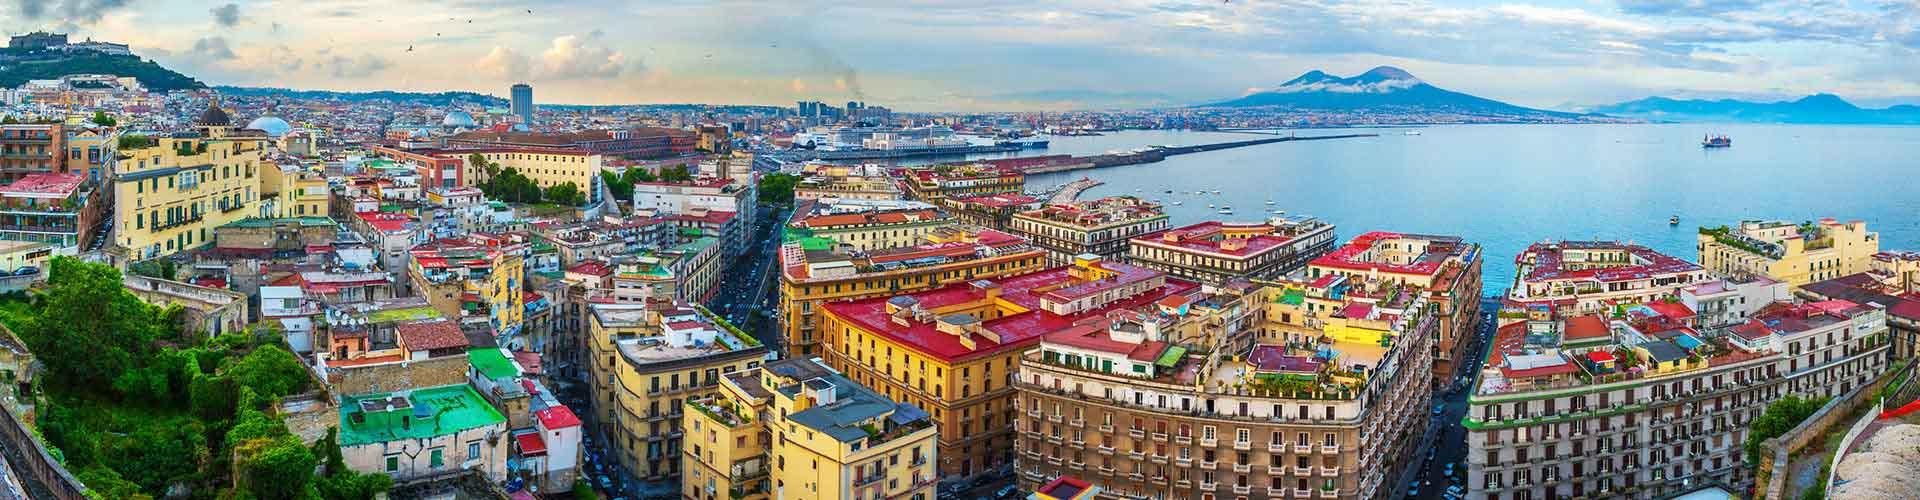 Naples - Auberges de jeunesse dans le quartier de Vicaria. Cartes pour Naples, photos et commentaires pour chaque auberge de jeunesse à Naples.